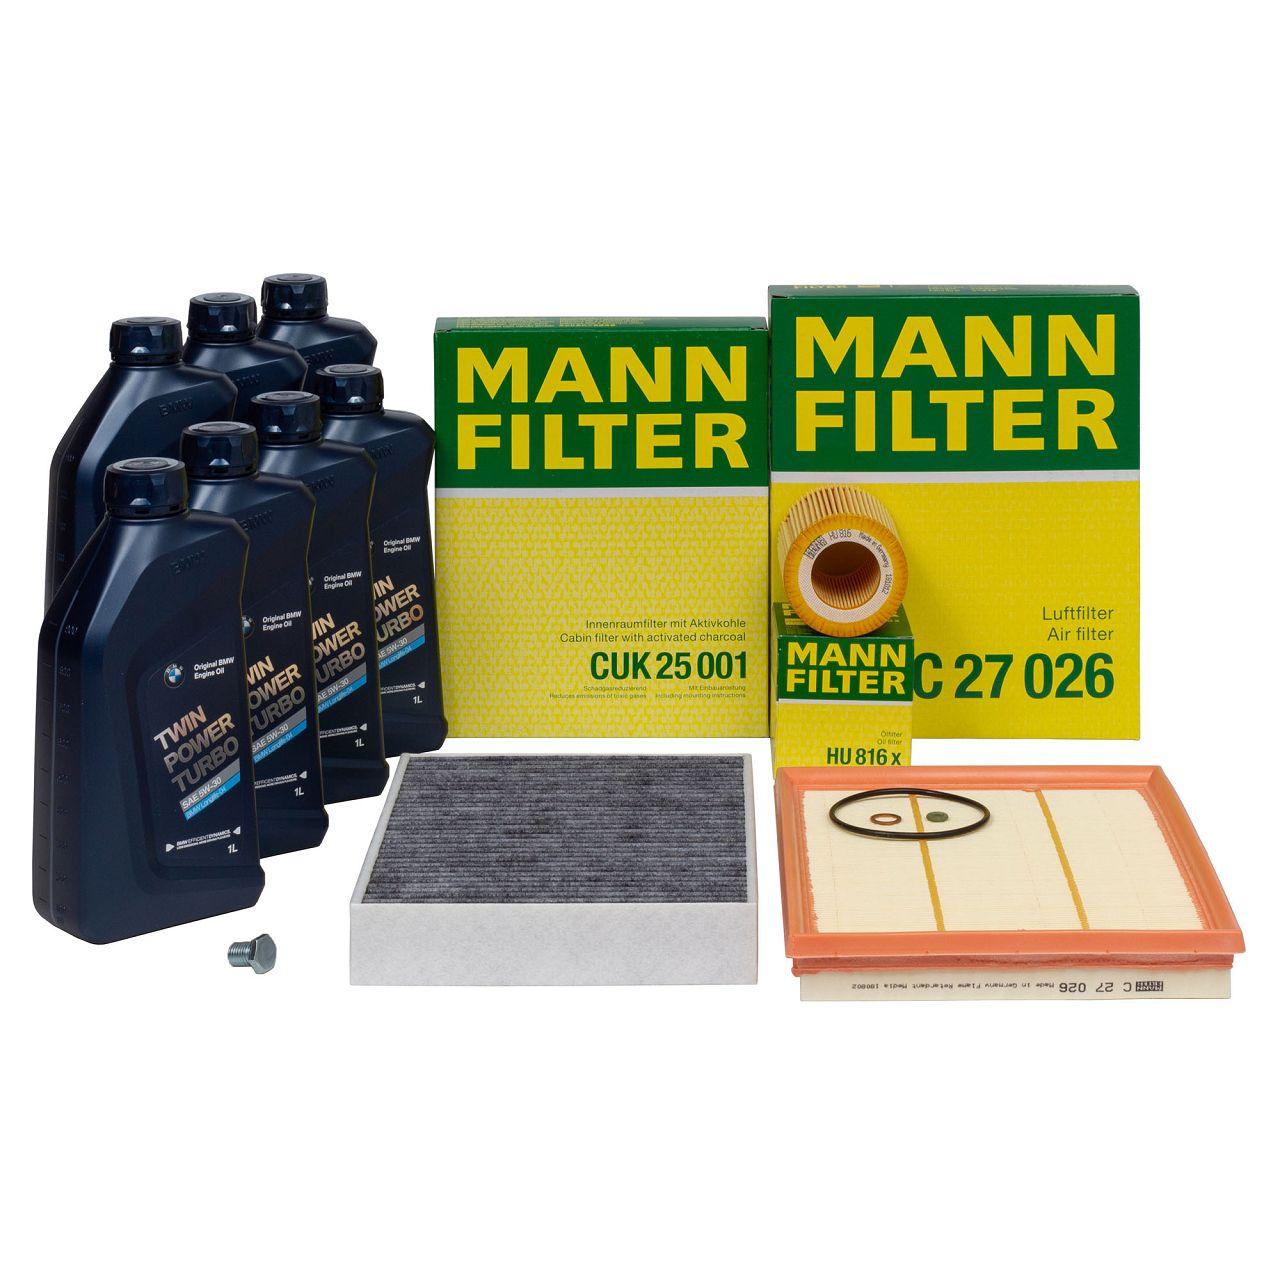 MANN Inspektionskit + 7 L ORIGINAL BMW 5W30 Motoröl für F20 F21 M135i M235i 335i 435i